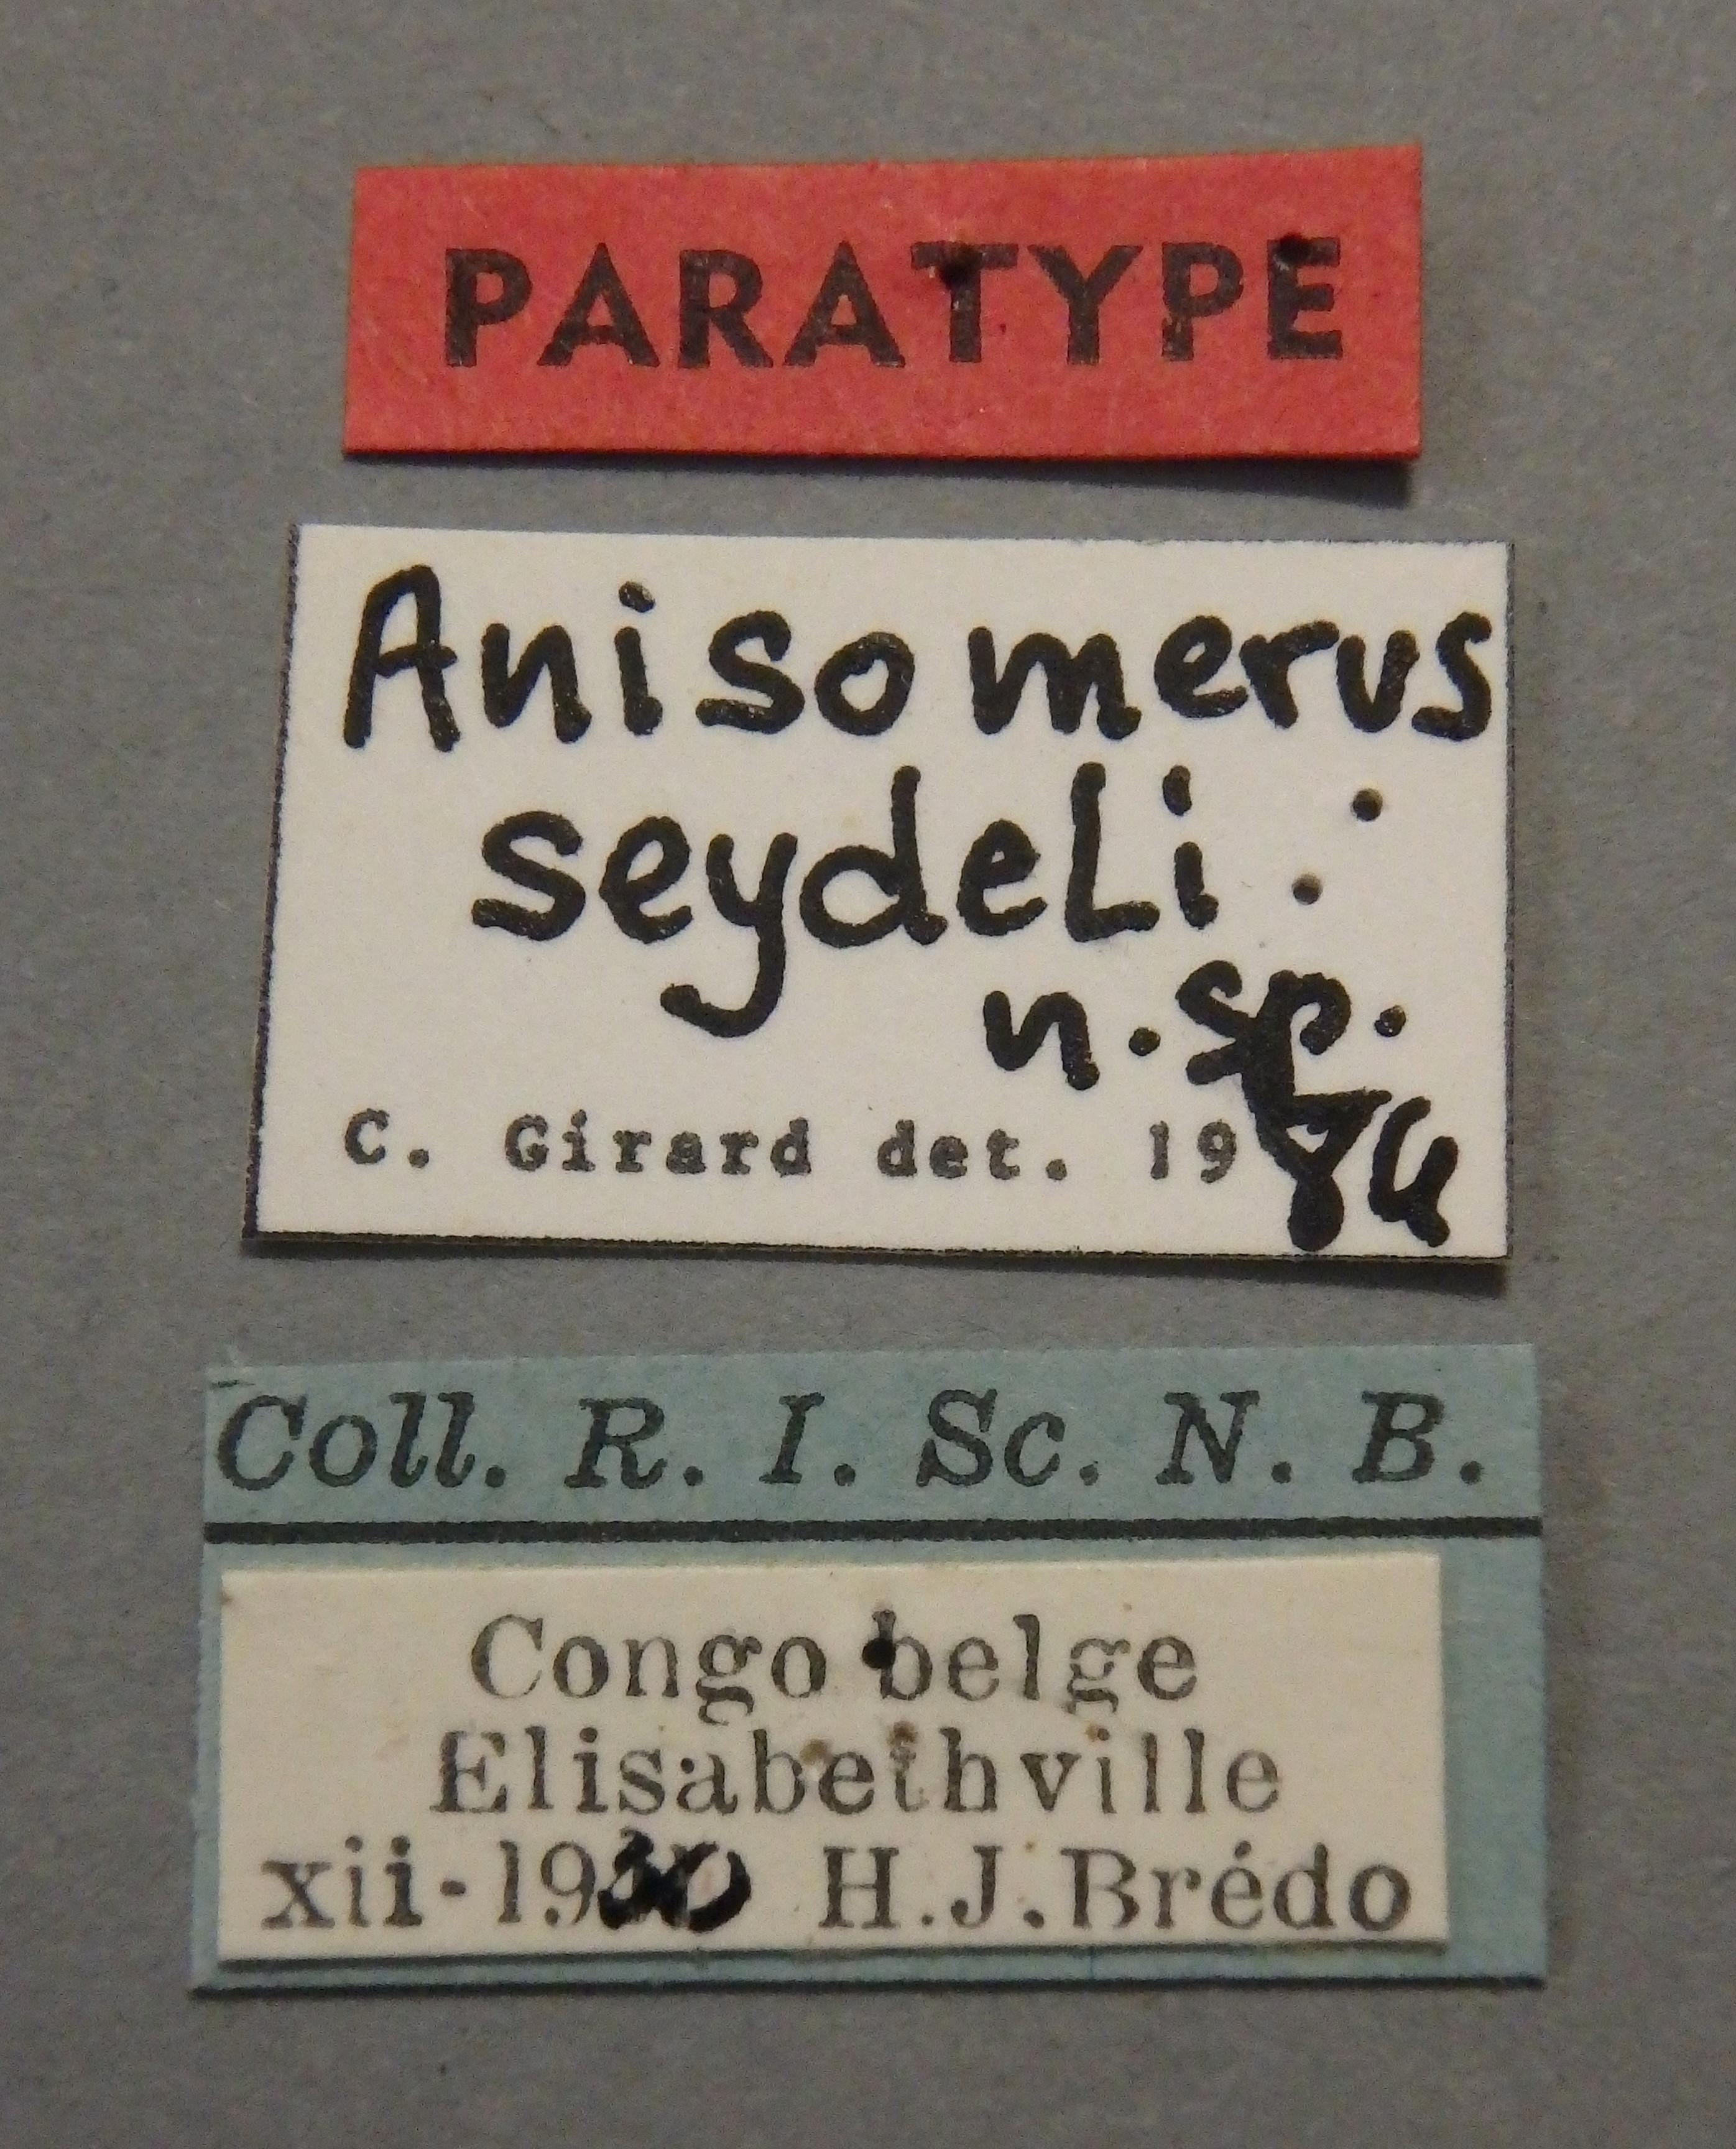 Anisomerus seydeli pt Lb.JPG